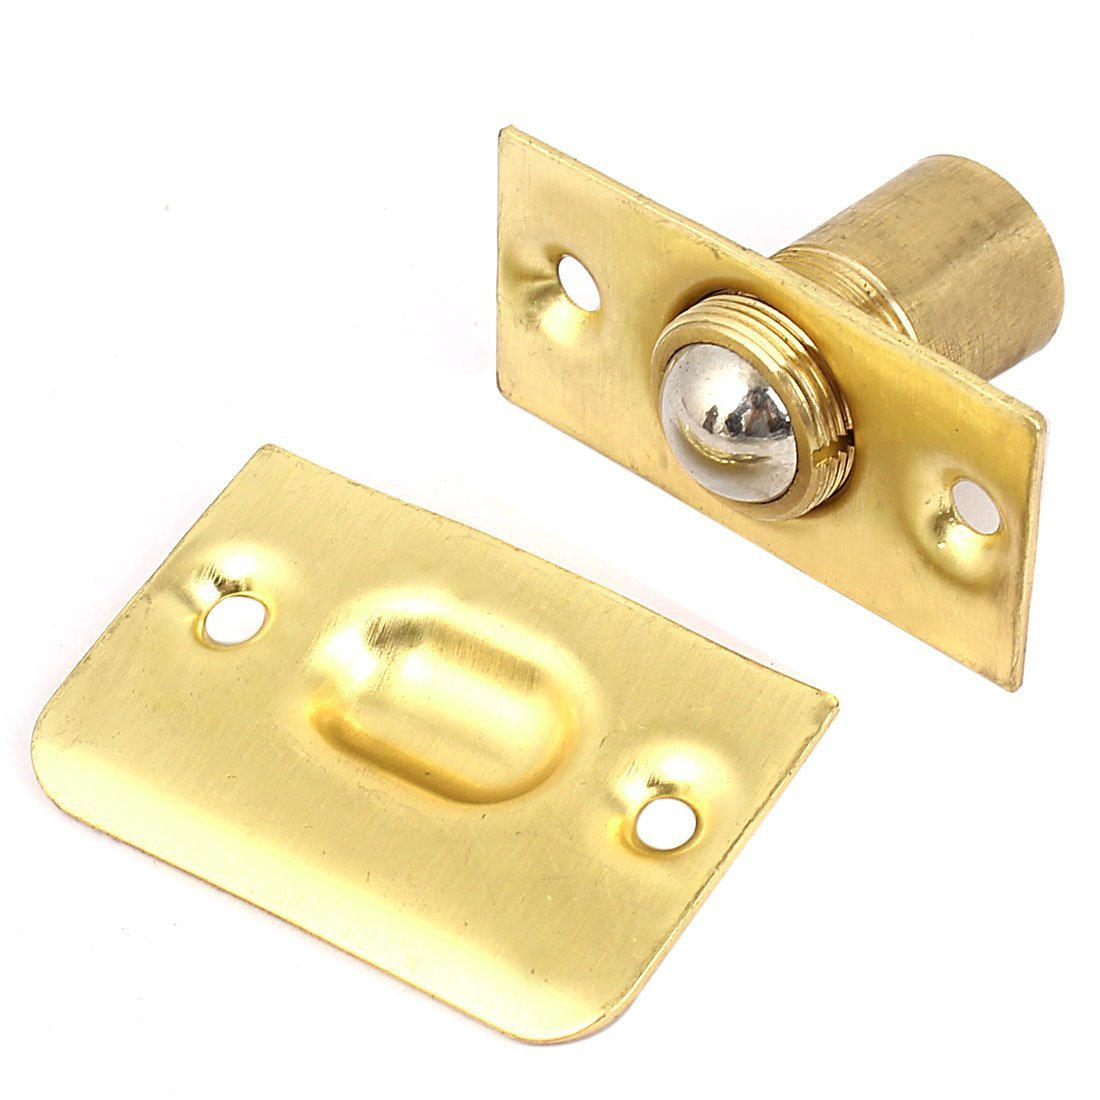 Venda quente casa armário porta parafuso ajustável primavera rolo de cobre bola pegar conjunto